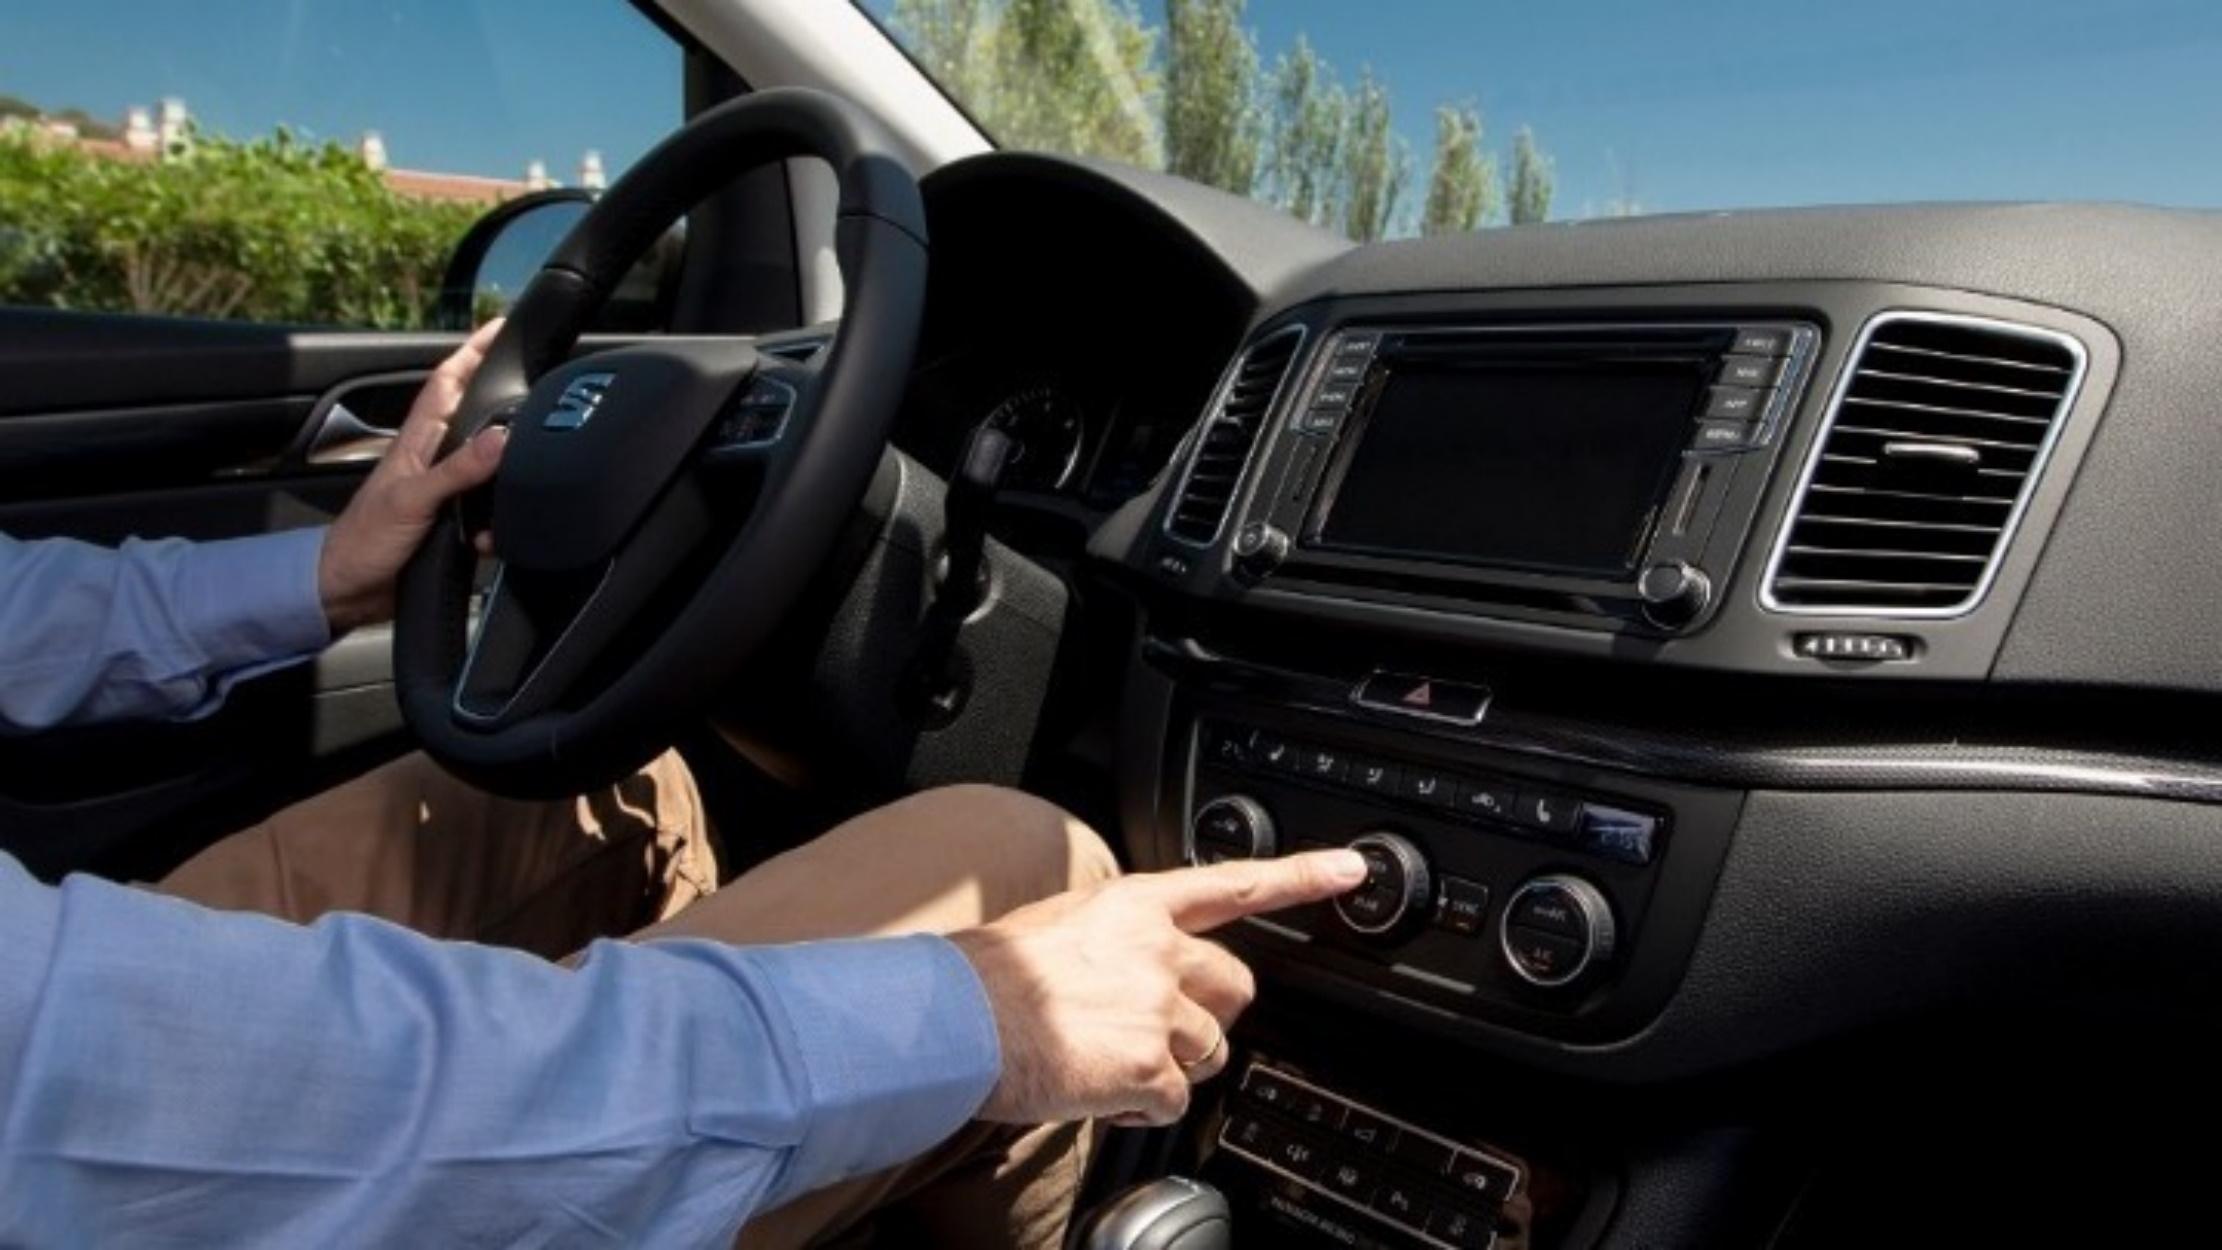 Ένα καλό φίλτρο καμπίνας στο αυτοκίνητο μπορεί να κρατήσει μακριά τις αλλεργίες